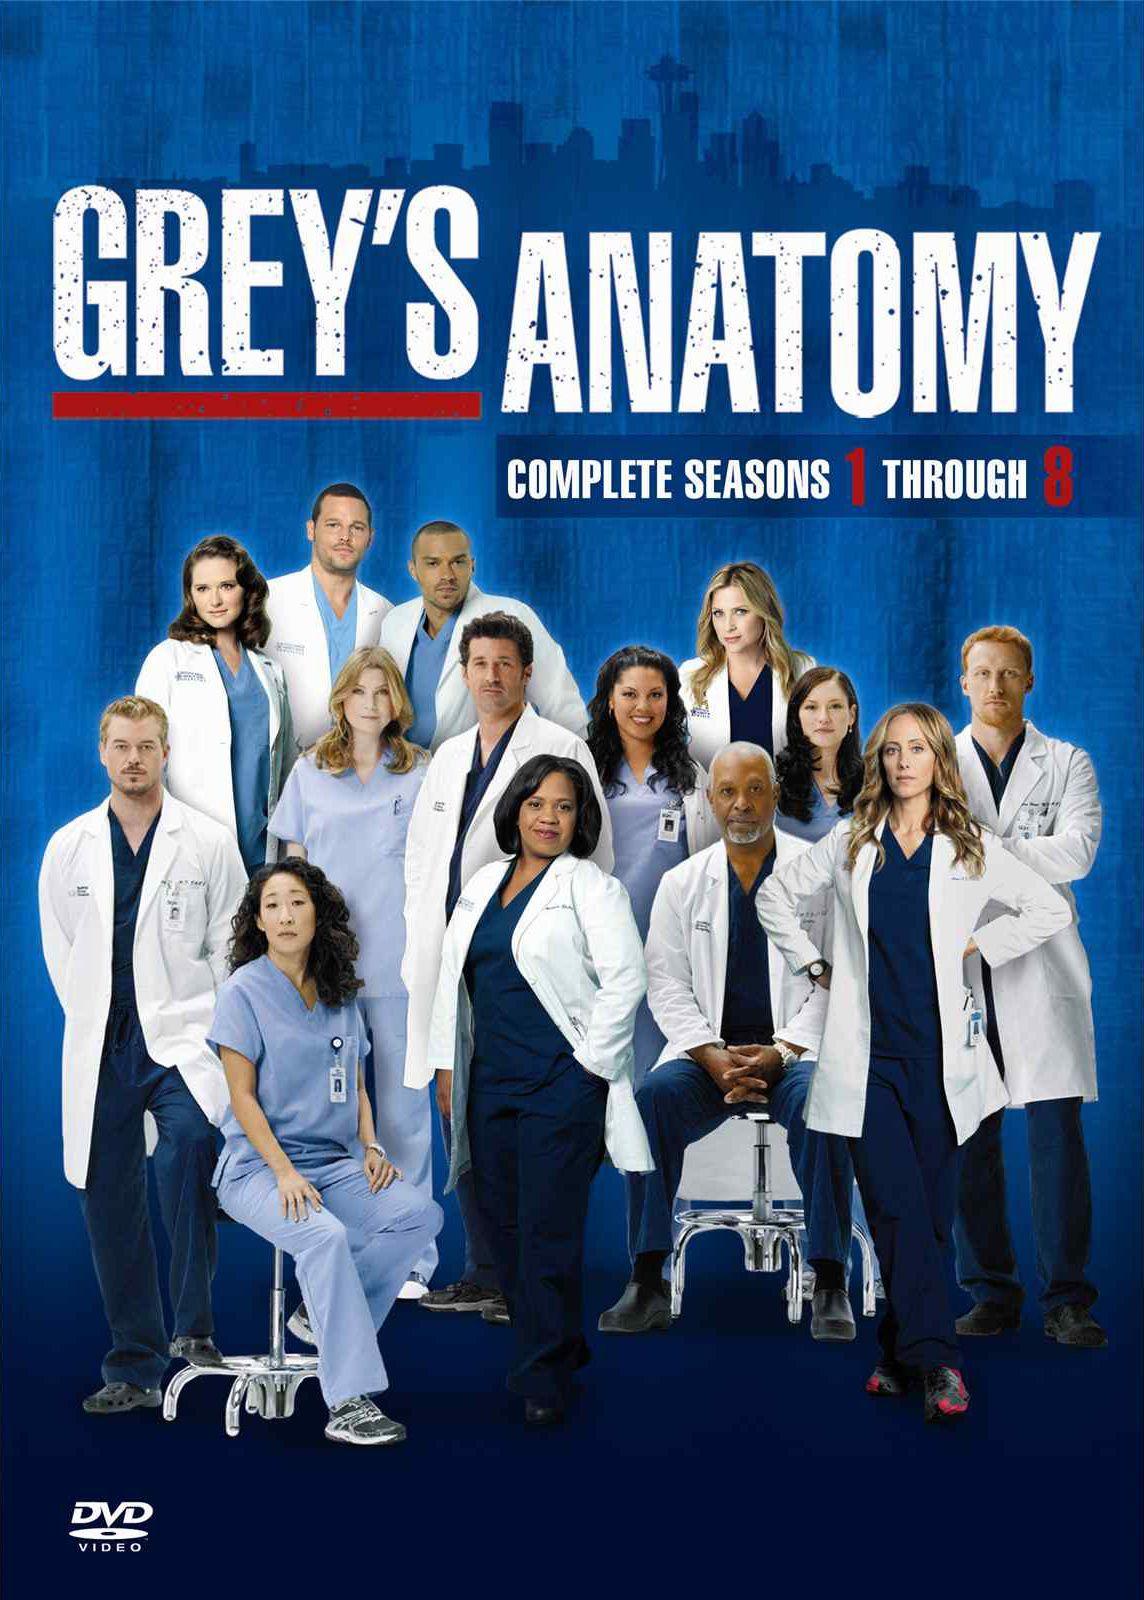 Greys Anatomy Saison 16 Episode 1 Streaming : greys, anatomy, saison, episode, streaming, Greys